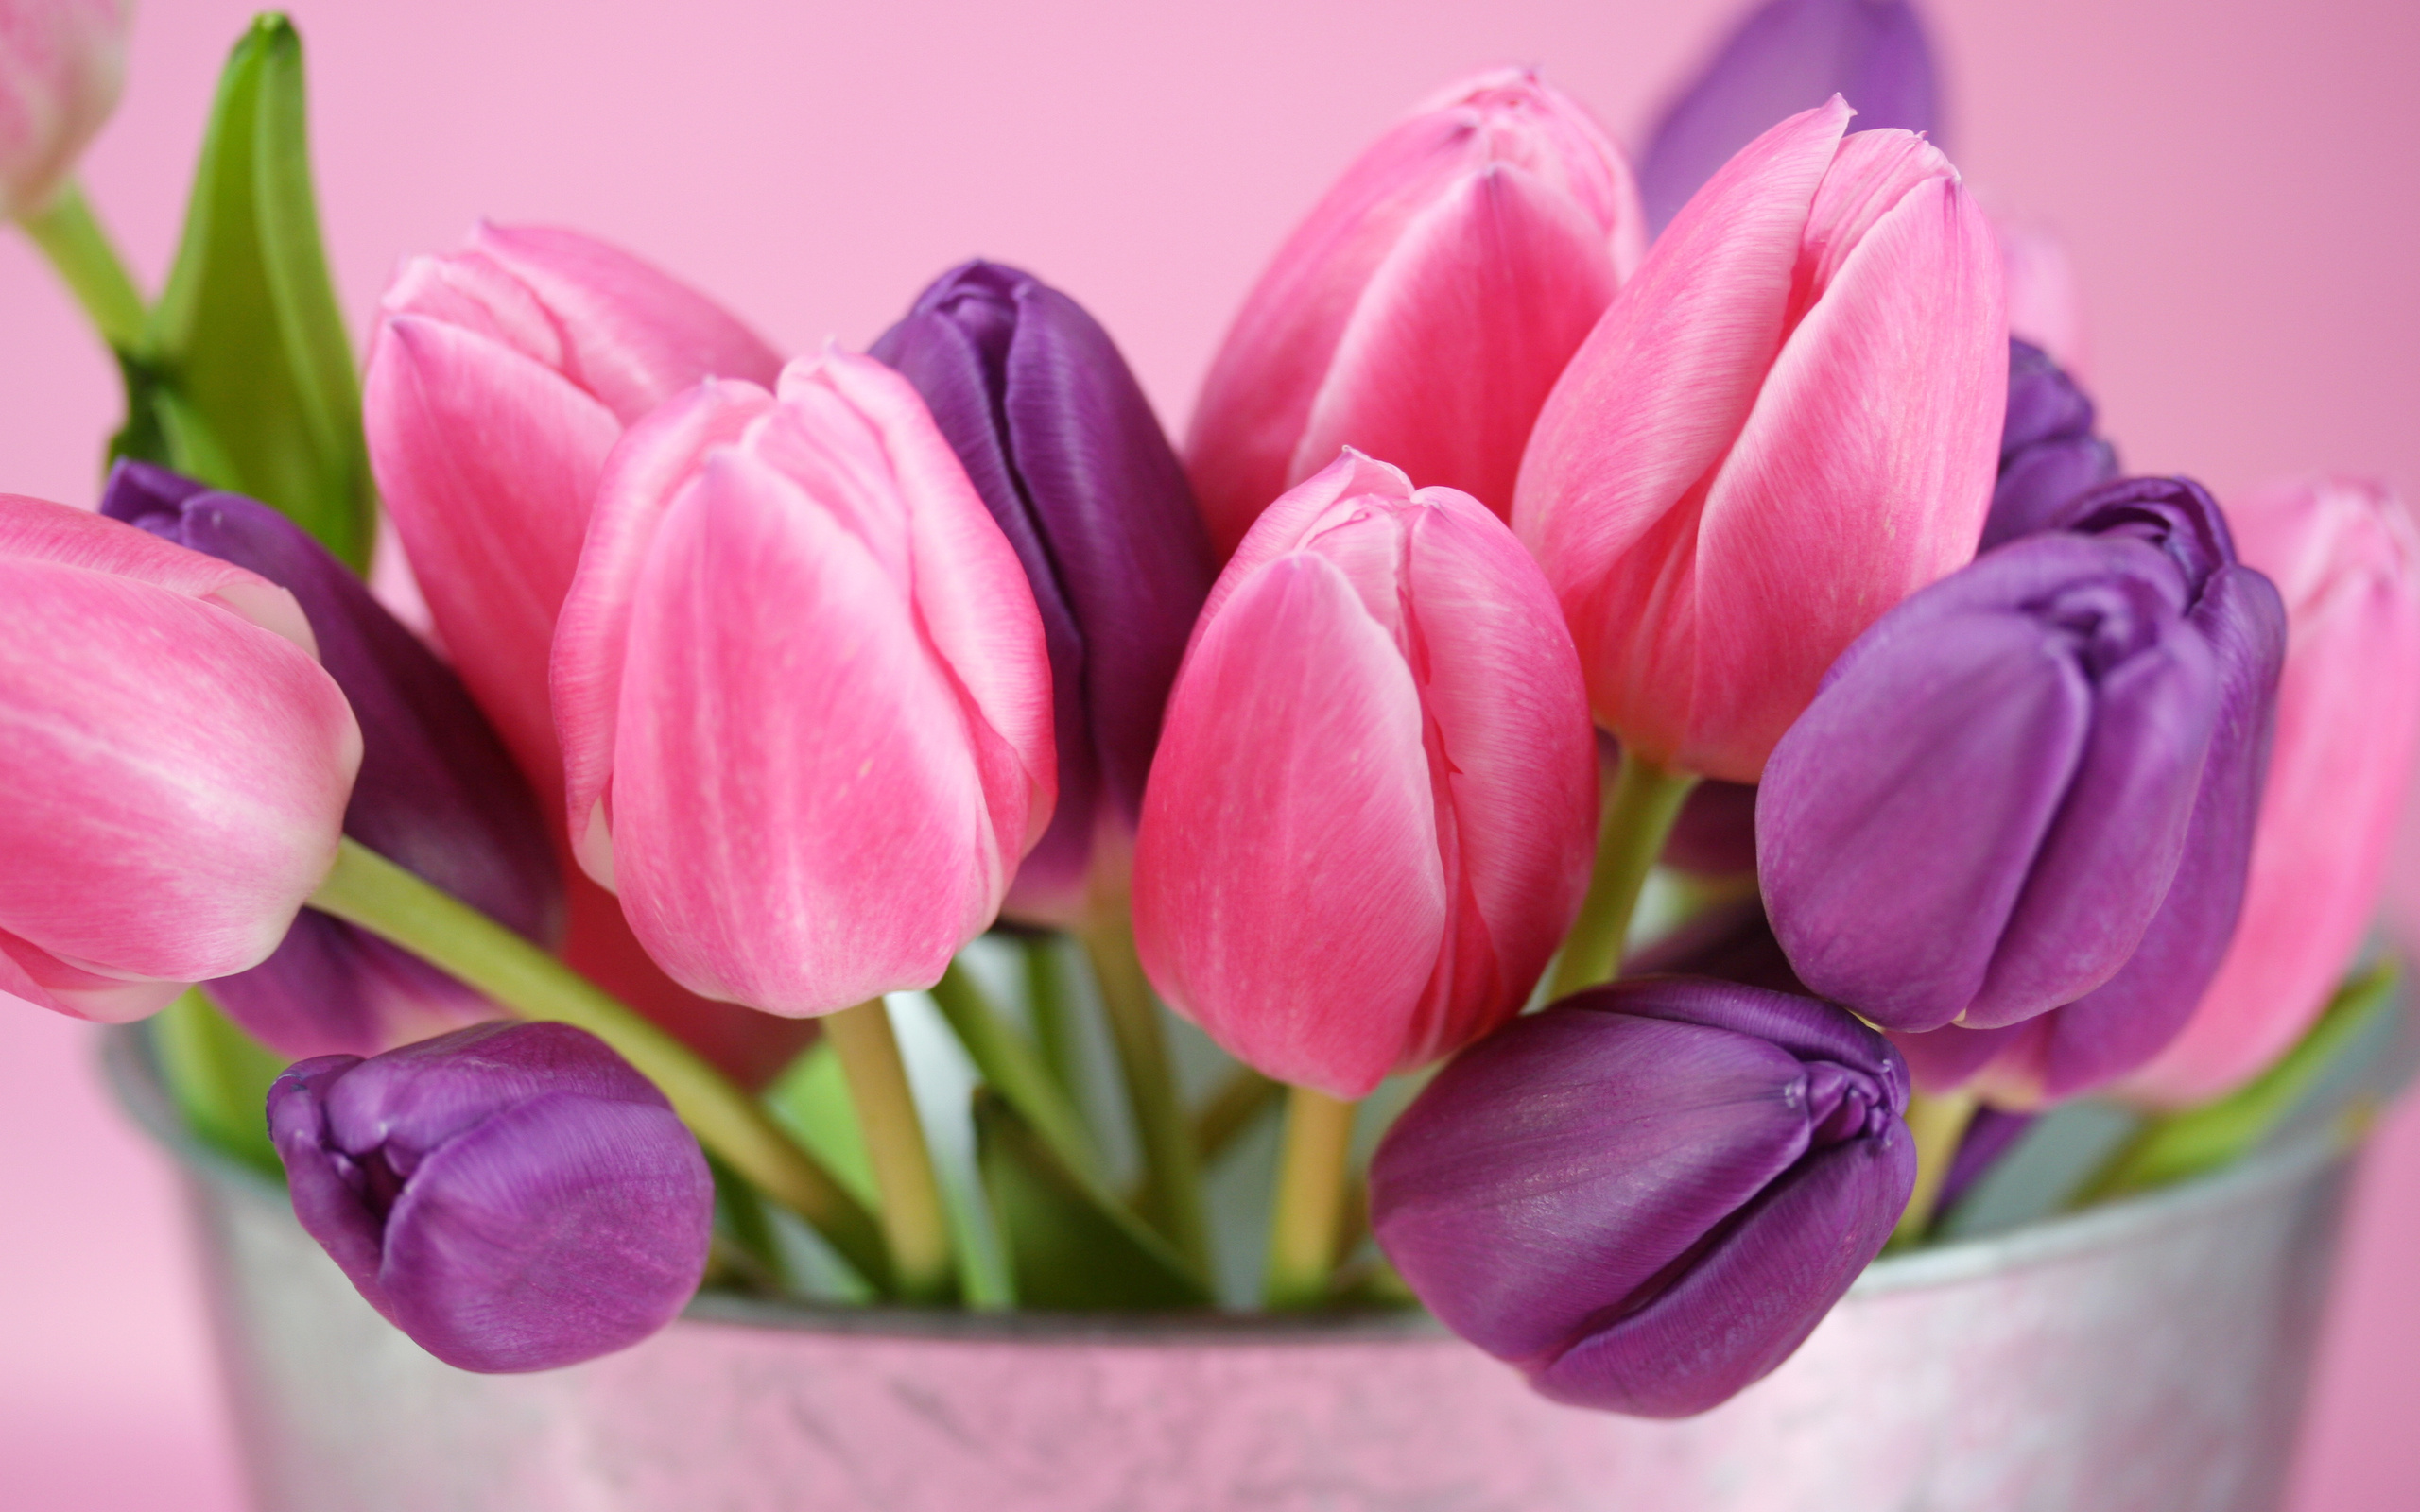 بالصور صور ازهار , احلي صور لازهار وورود جميلة 6490 3